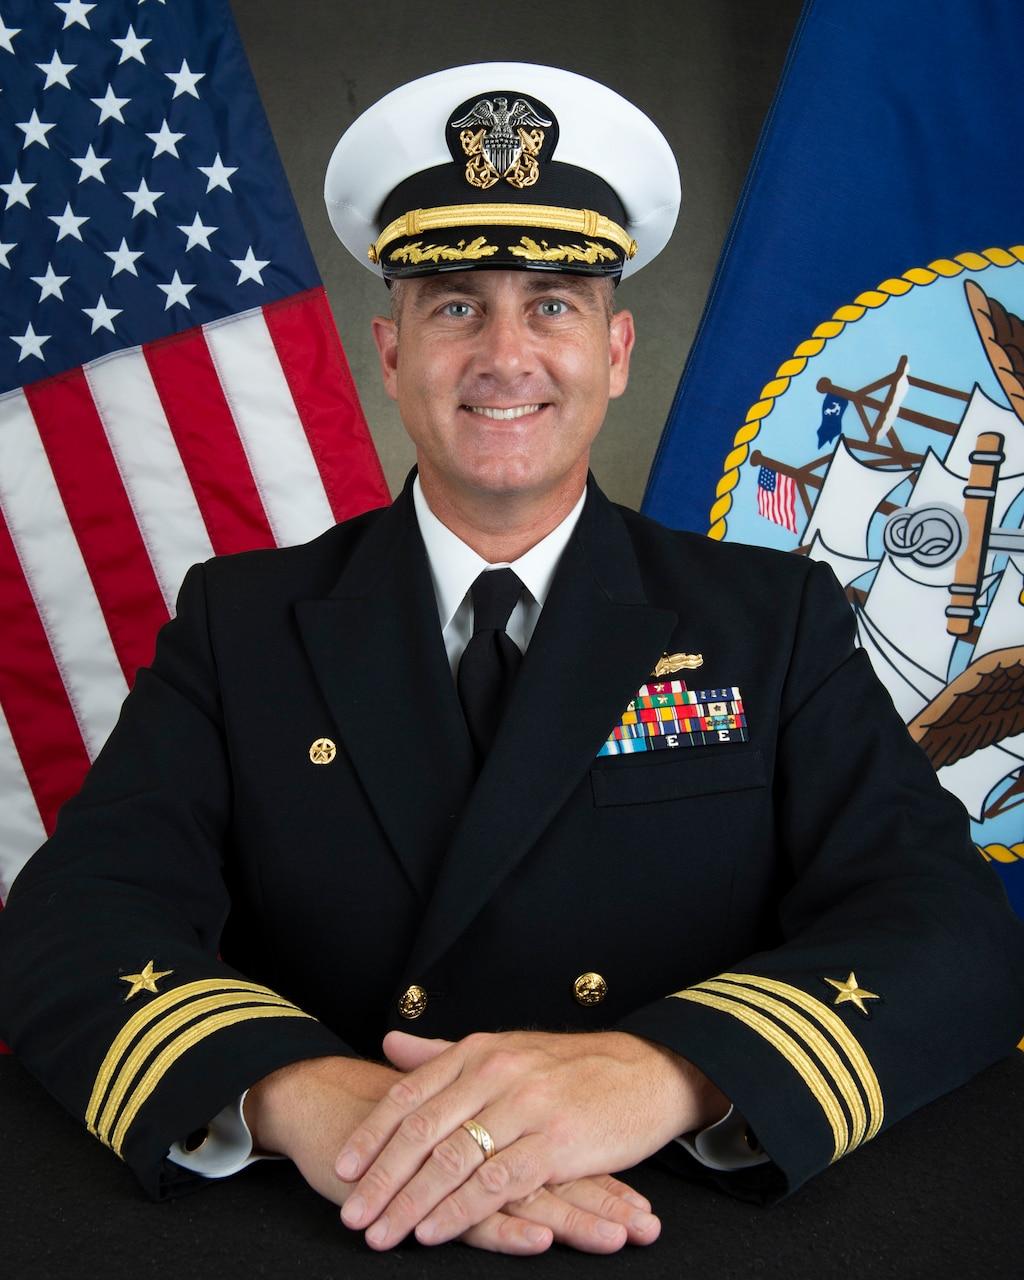 CDR Neil R. Gabriel